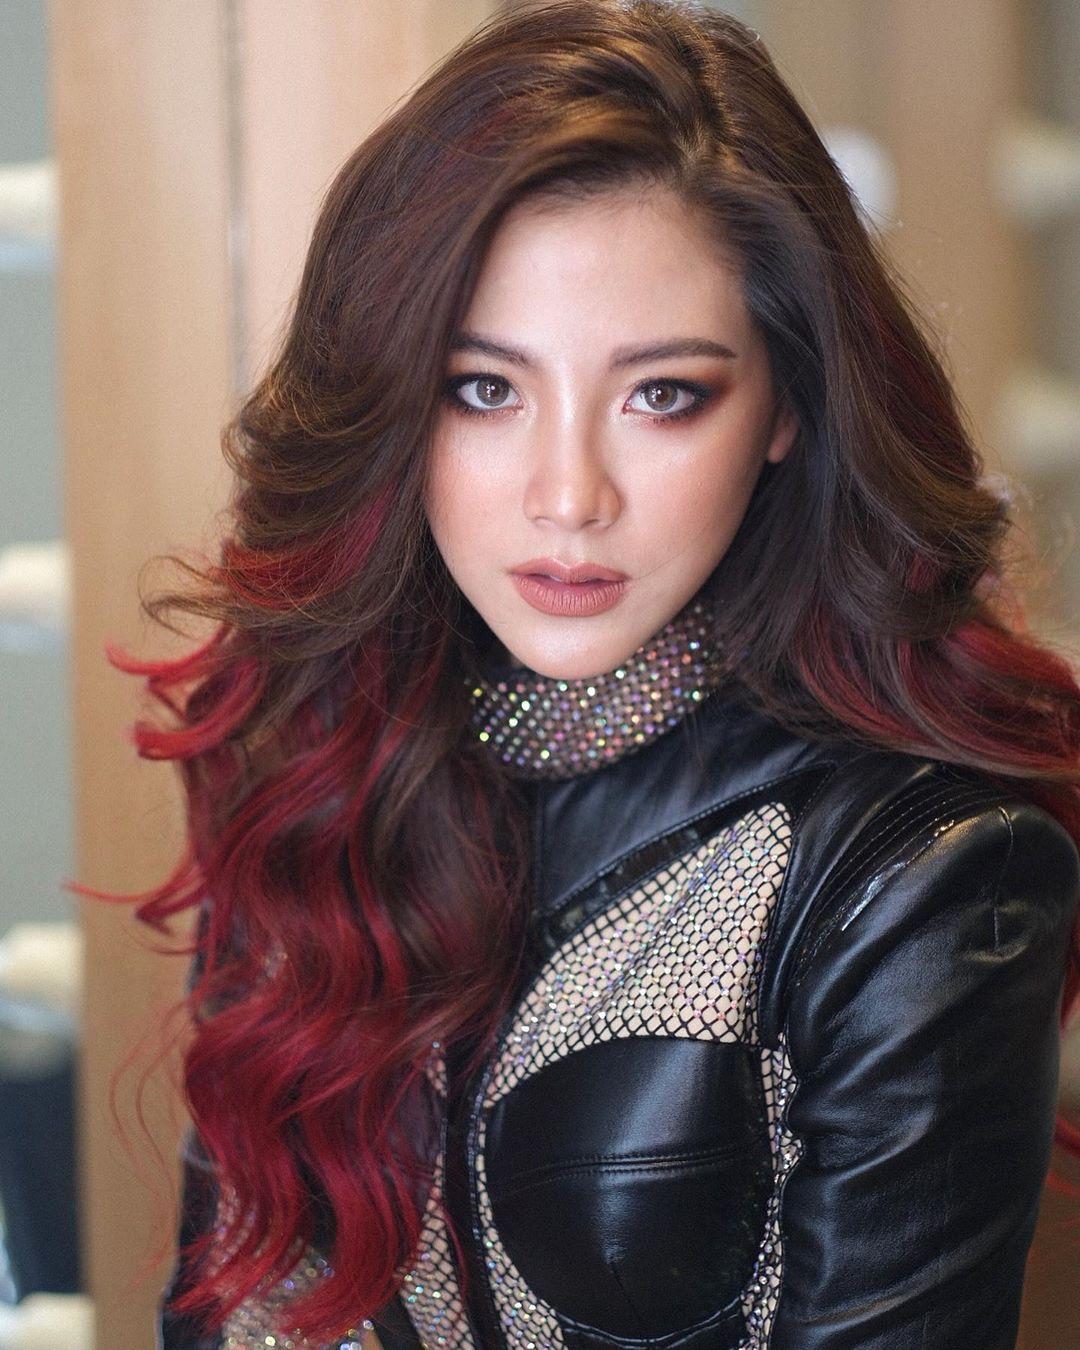 Baifern Pimchanok xinh đẹp trong loạt ảnh quảng cáo thời trang - 8